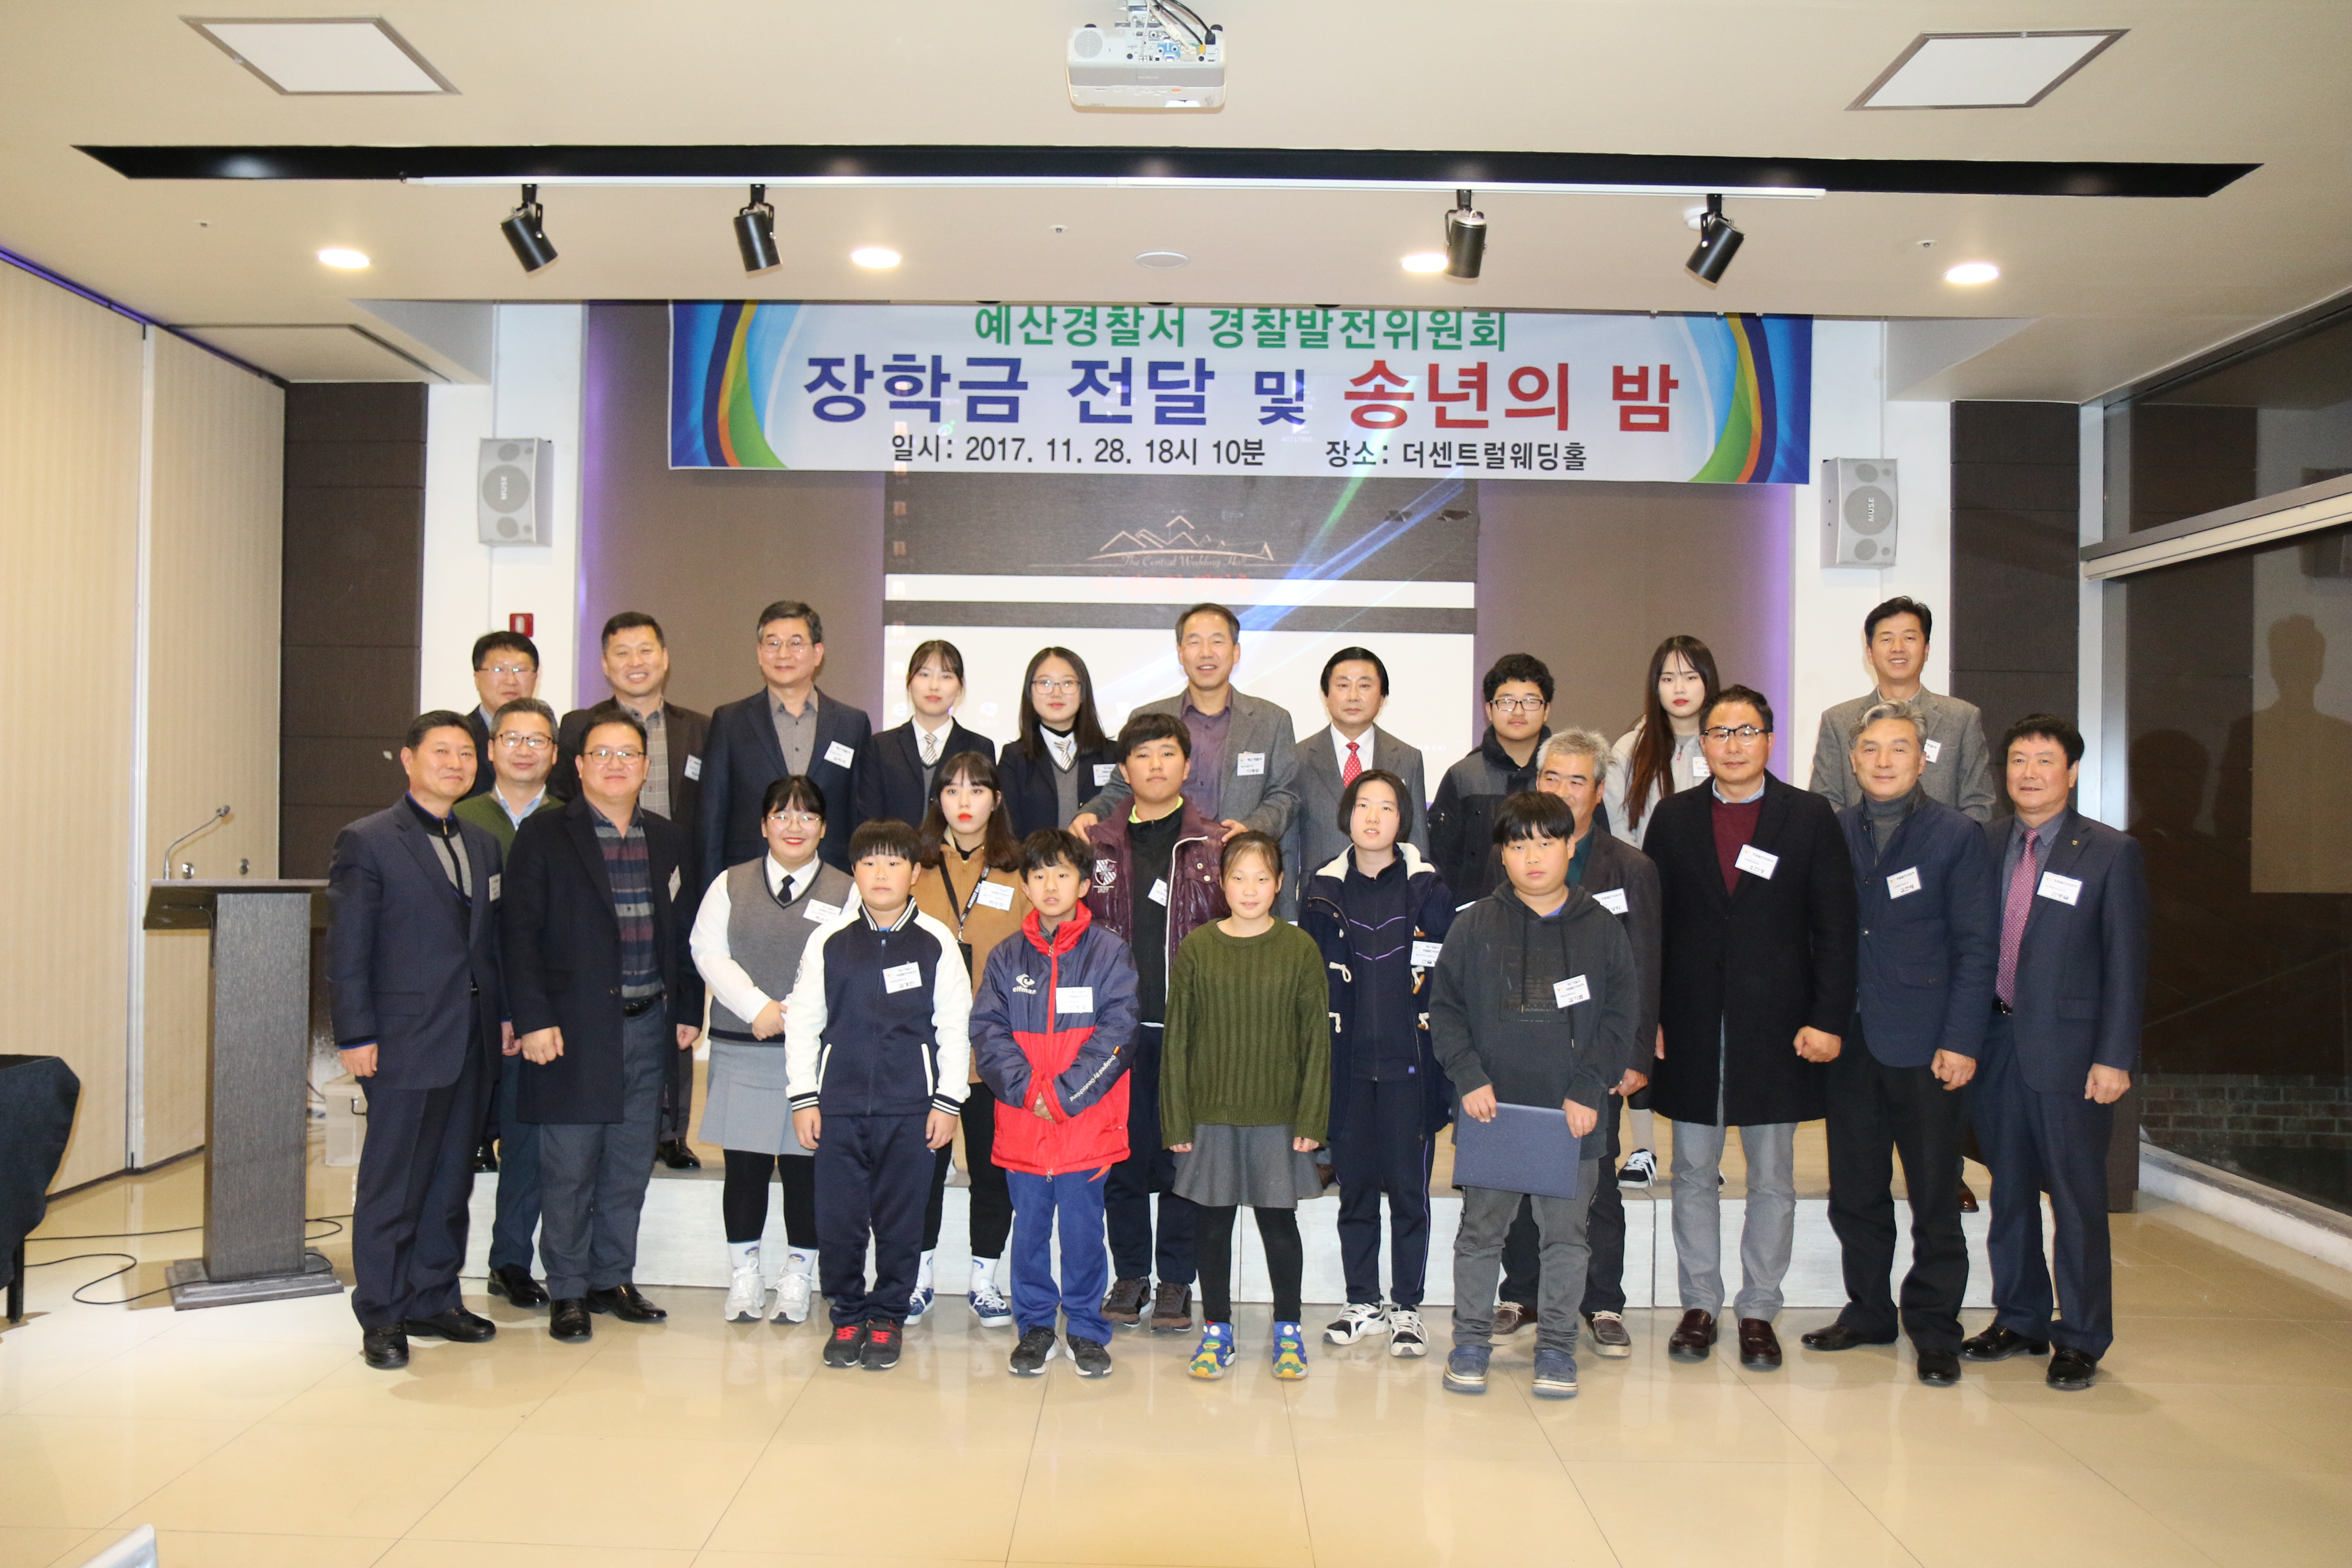 예산경찰서, 경찰발전위원회 송년의 밤 행사 개최